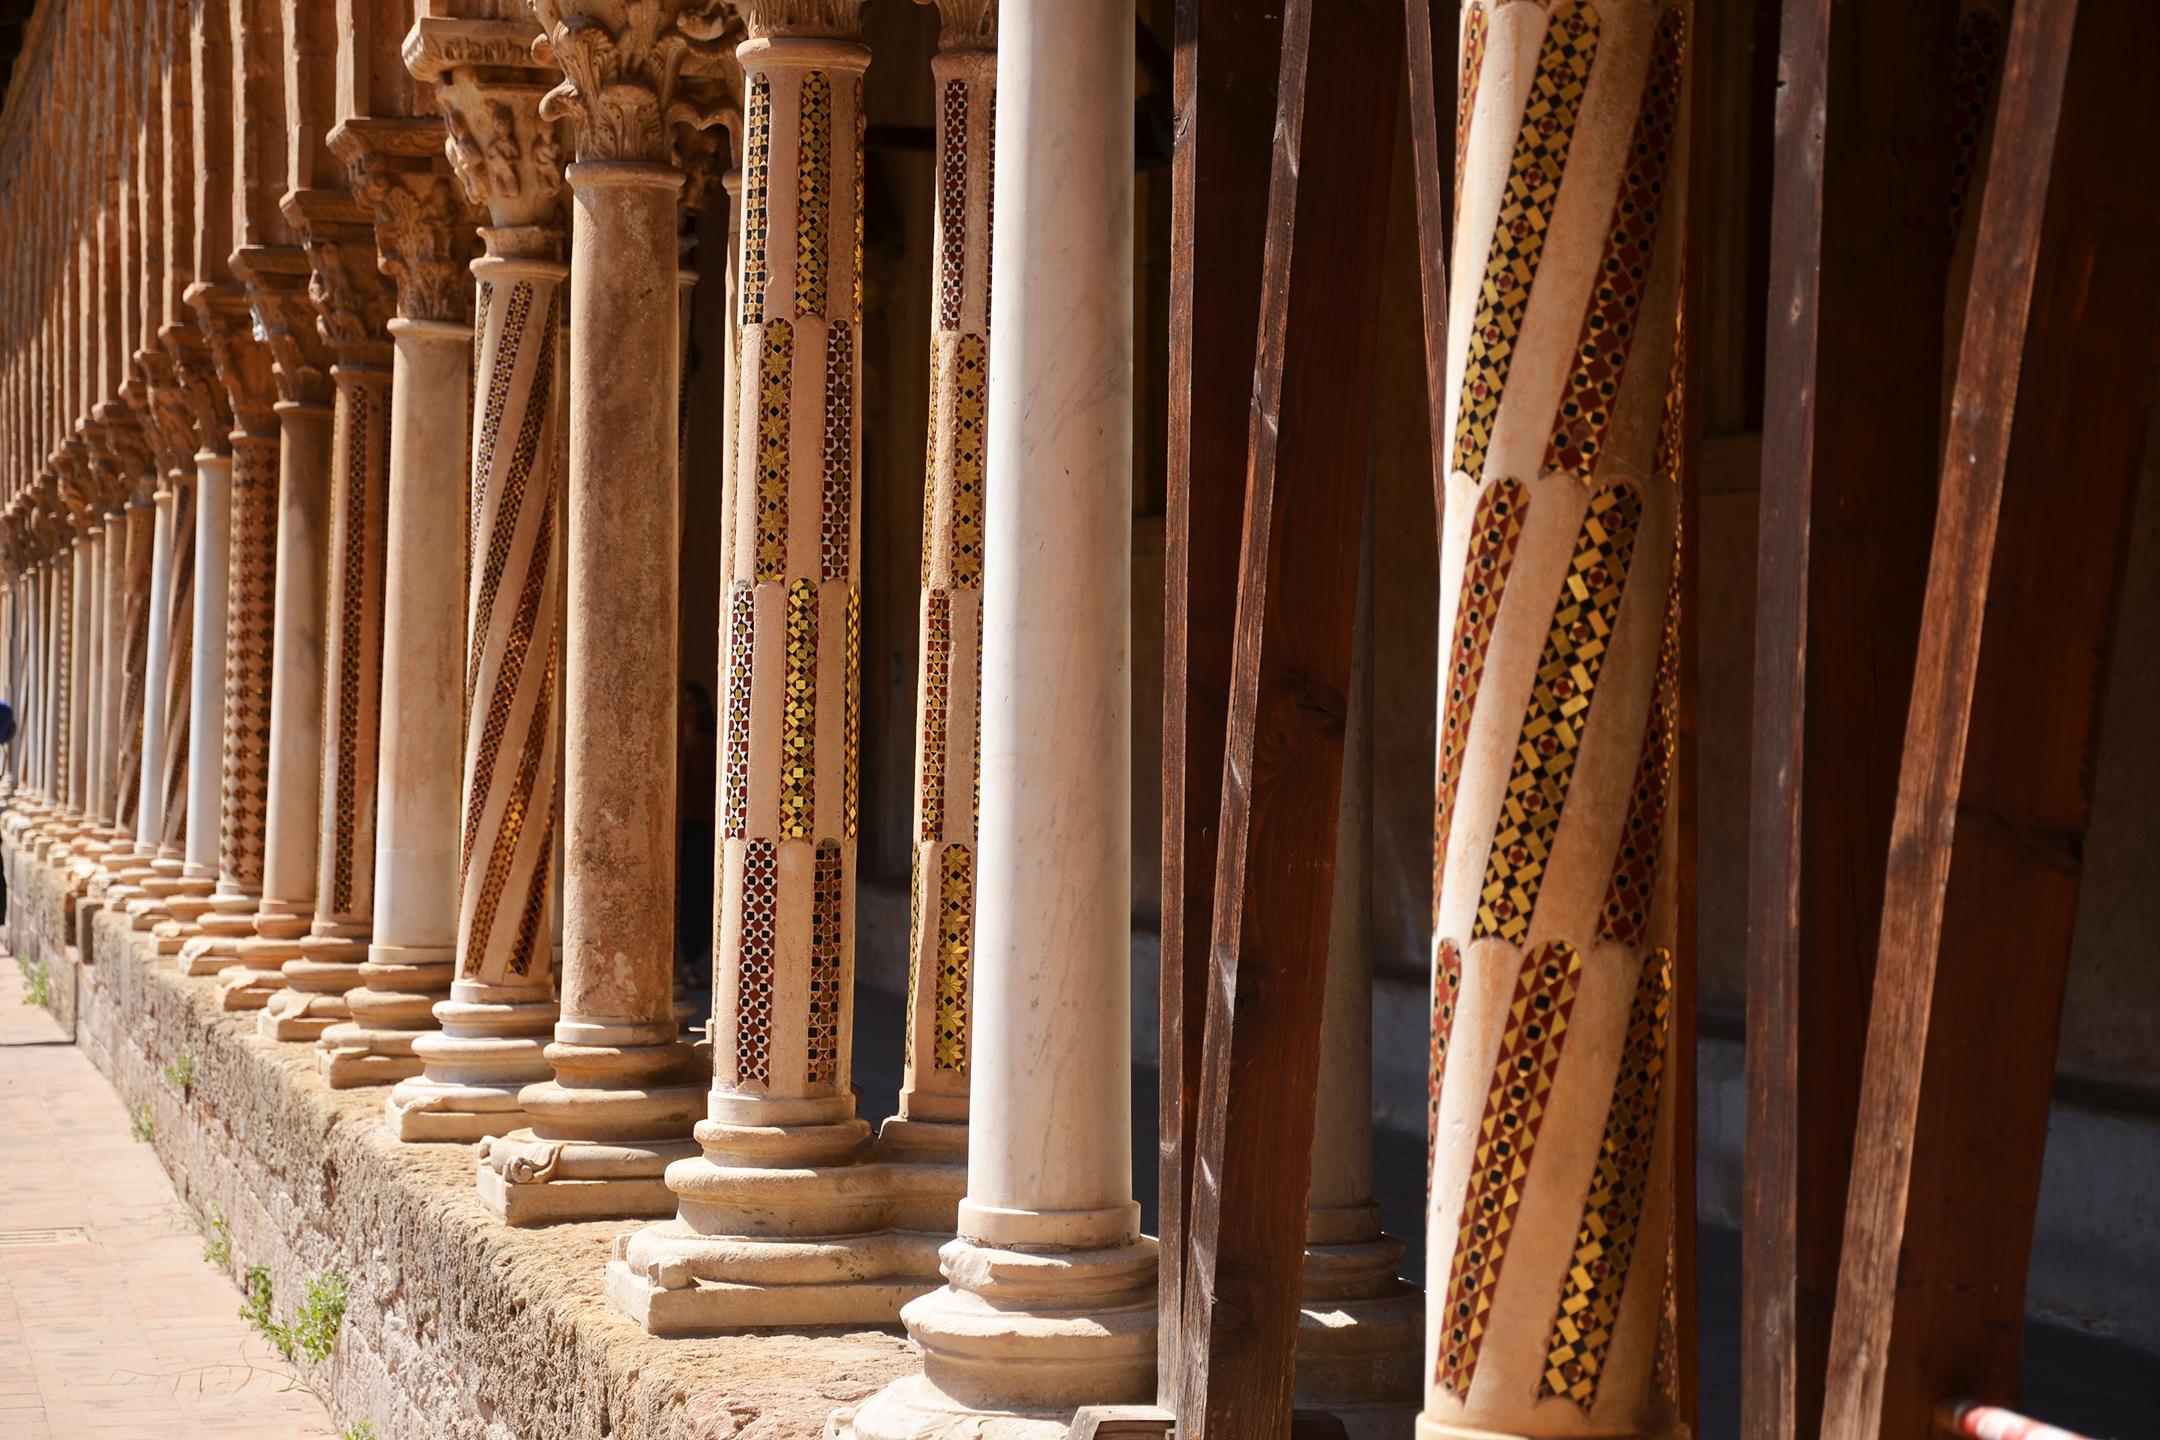 alessia-canella-sicilia-monreale-cattedrale-colonne-chiesa